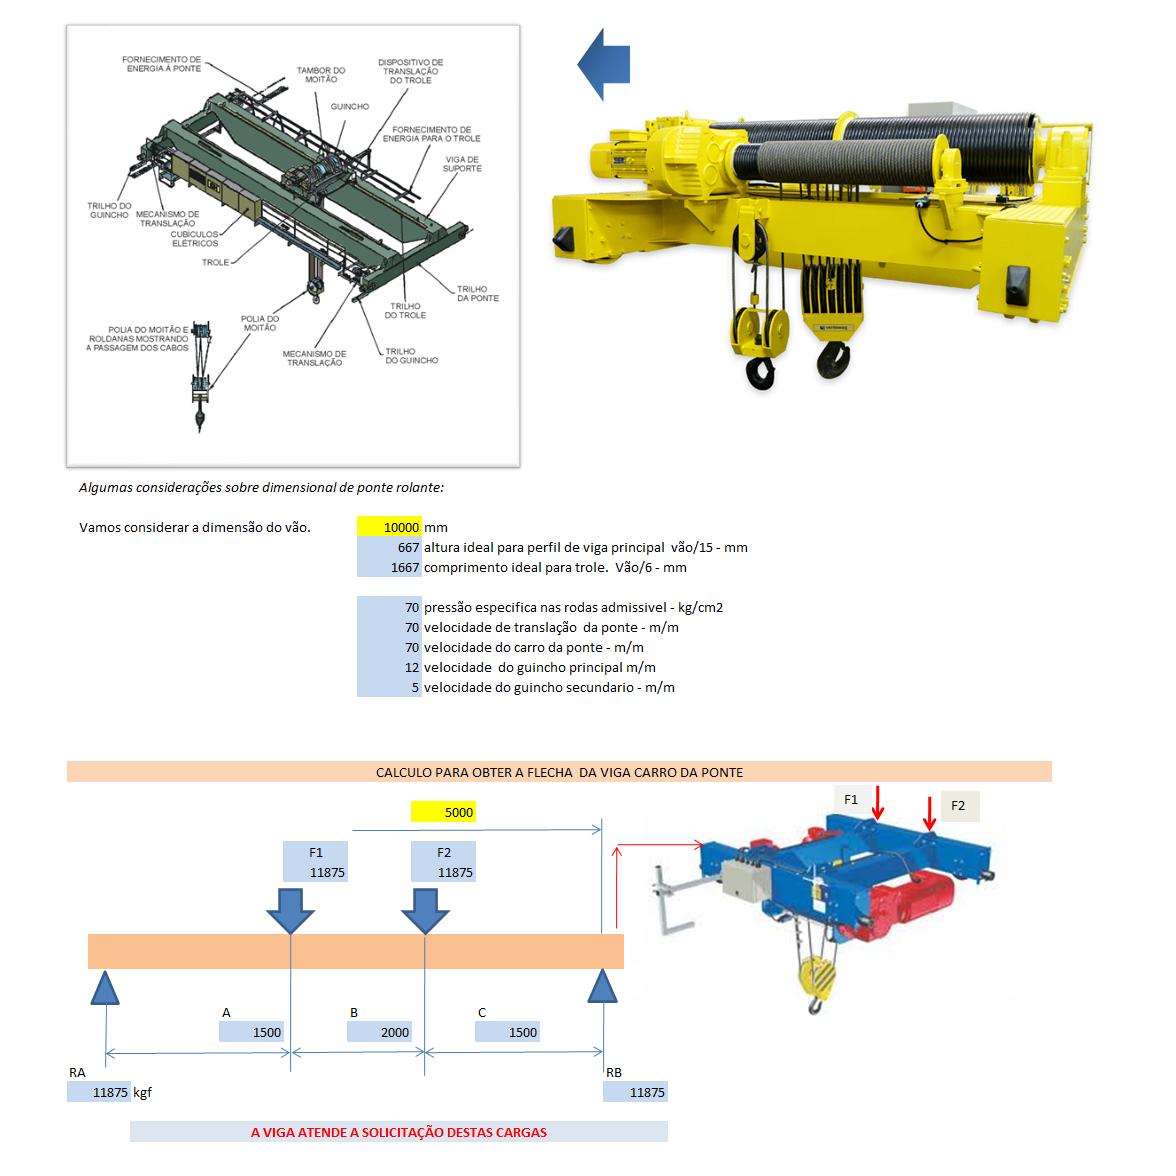 Aplicativos FP N3: Planilha para cálculo e projeto de ponte rolante biapoiada